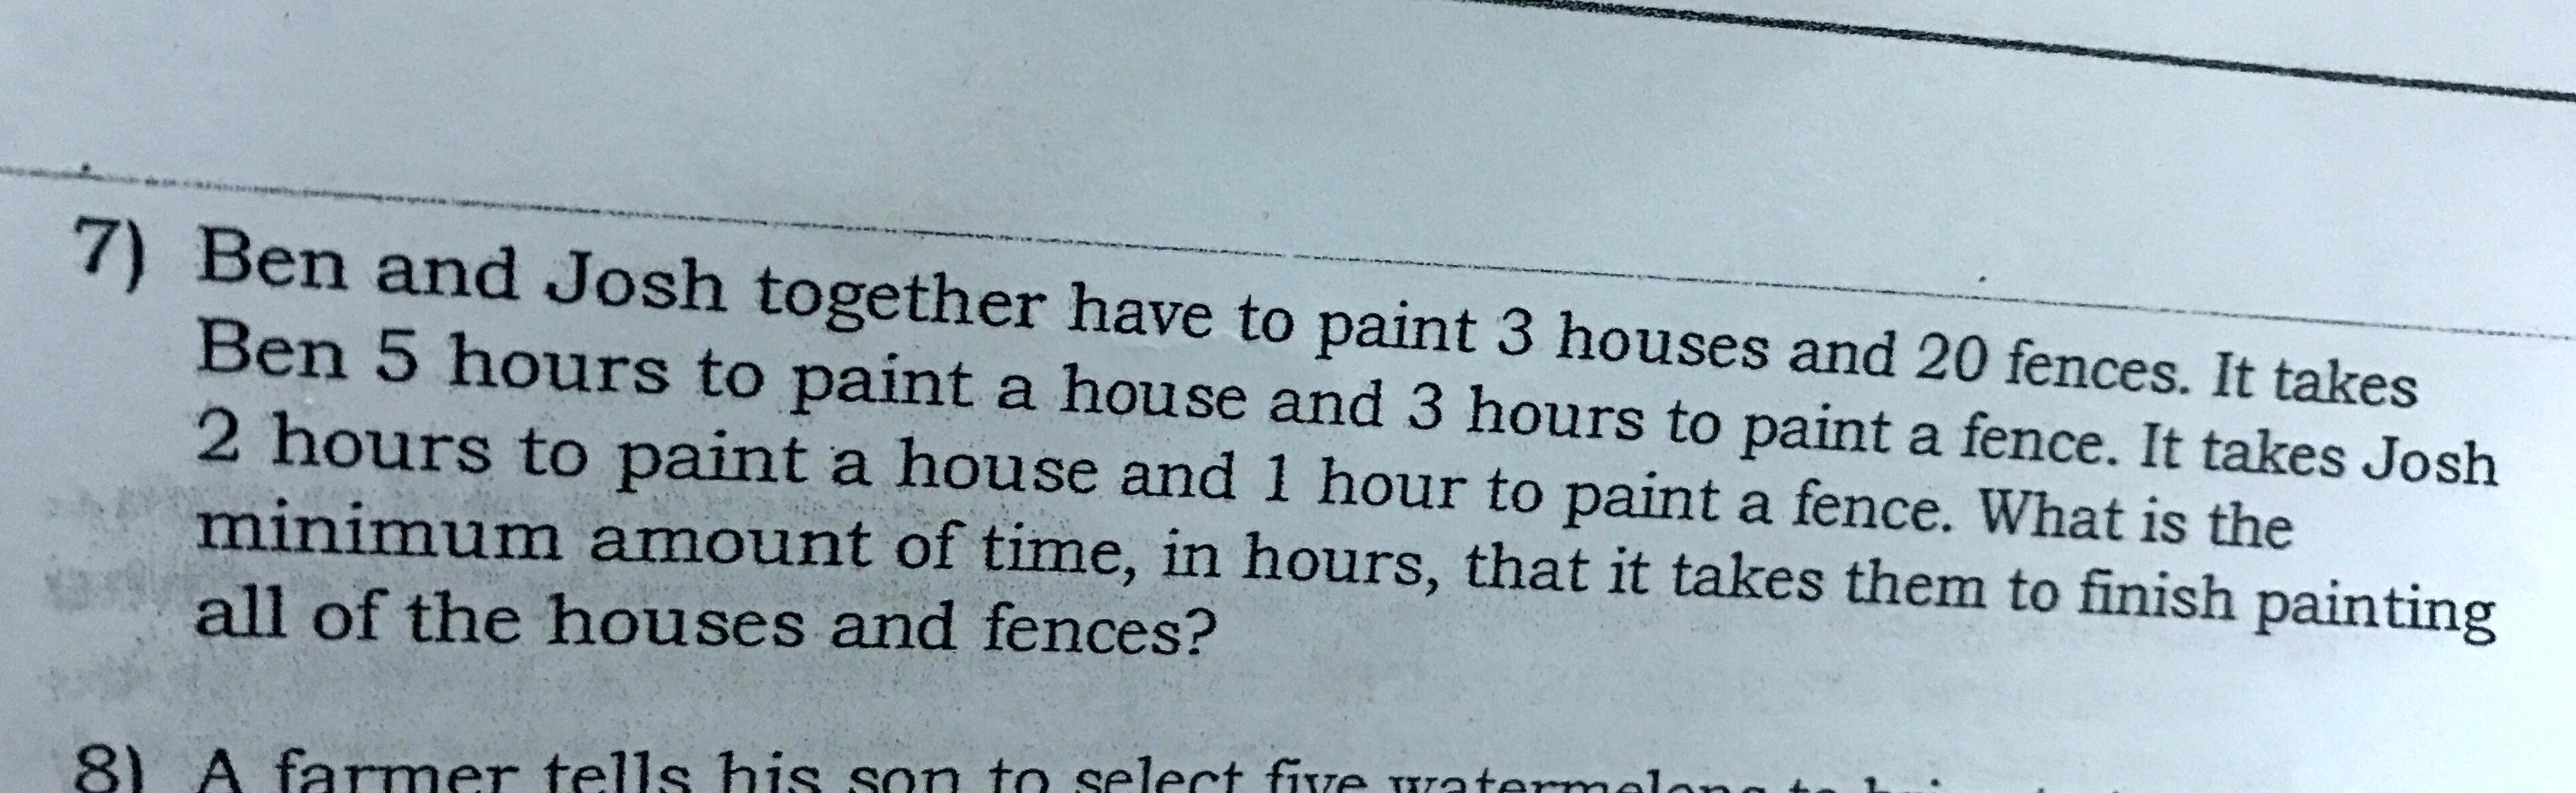 help me help you 1 hour